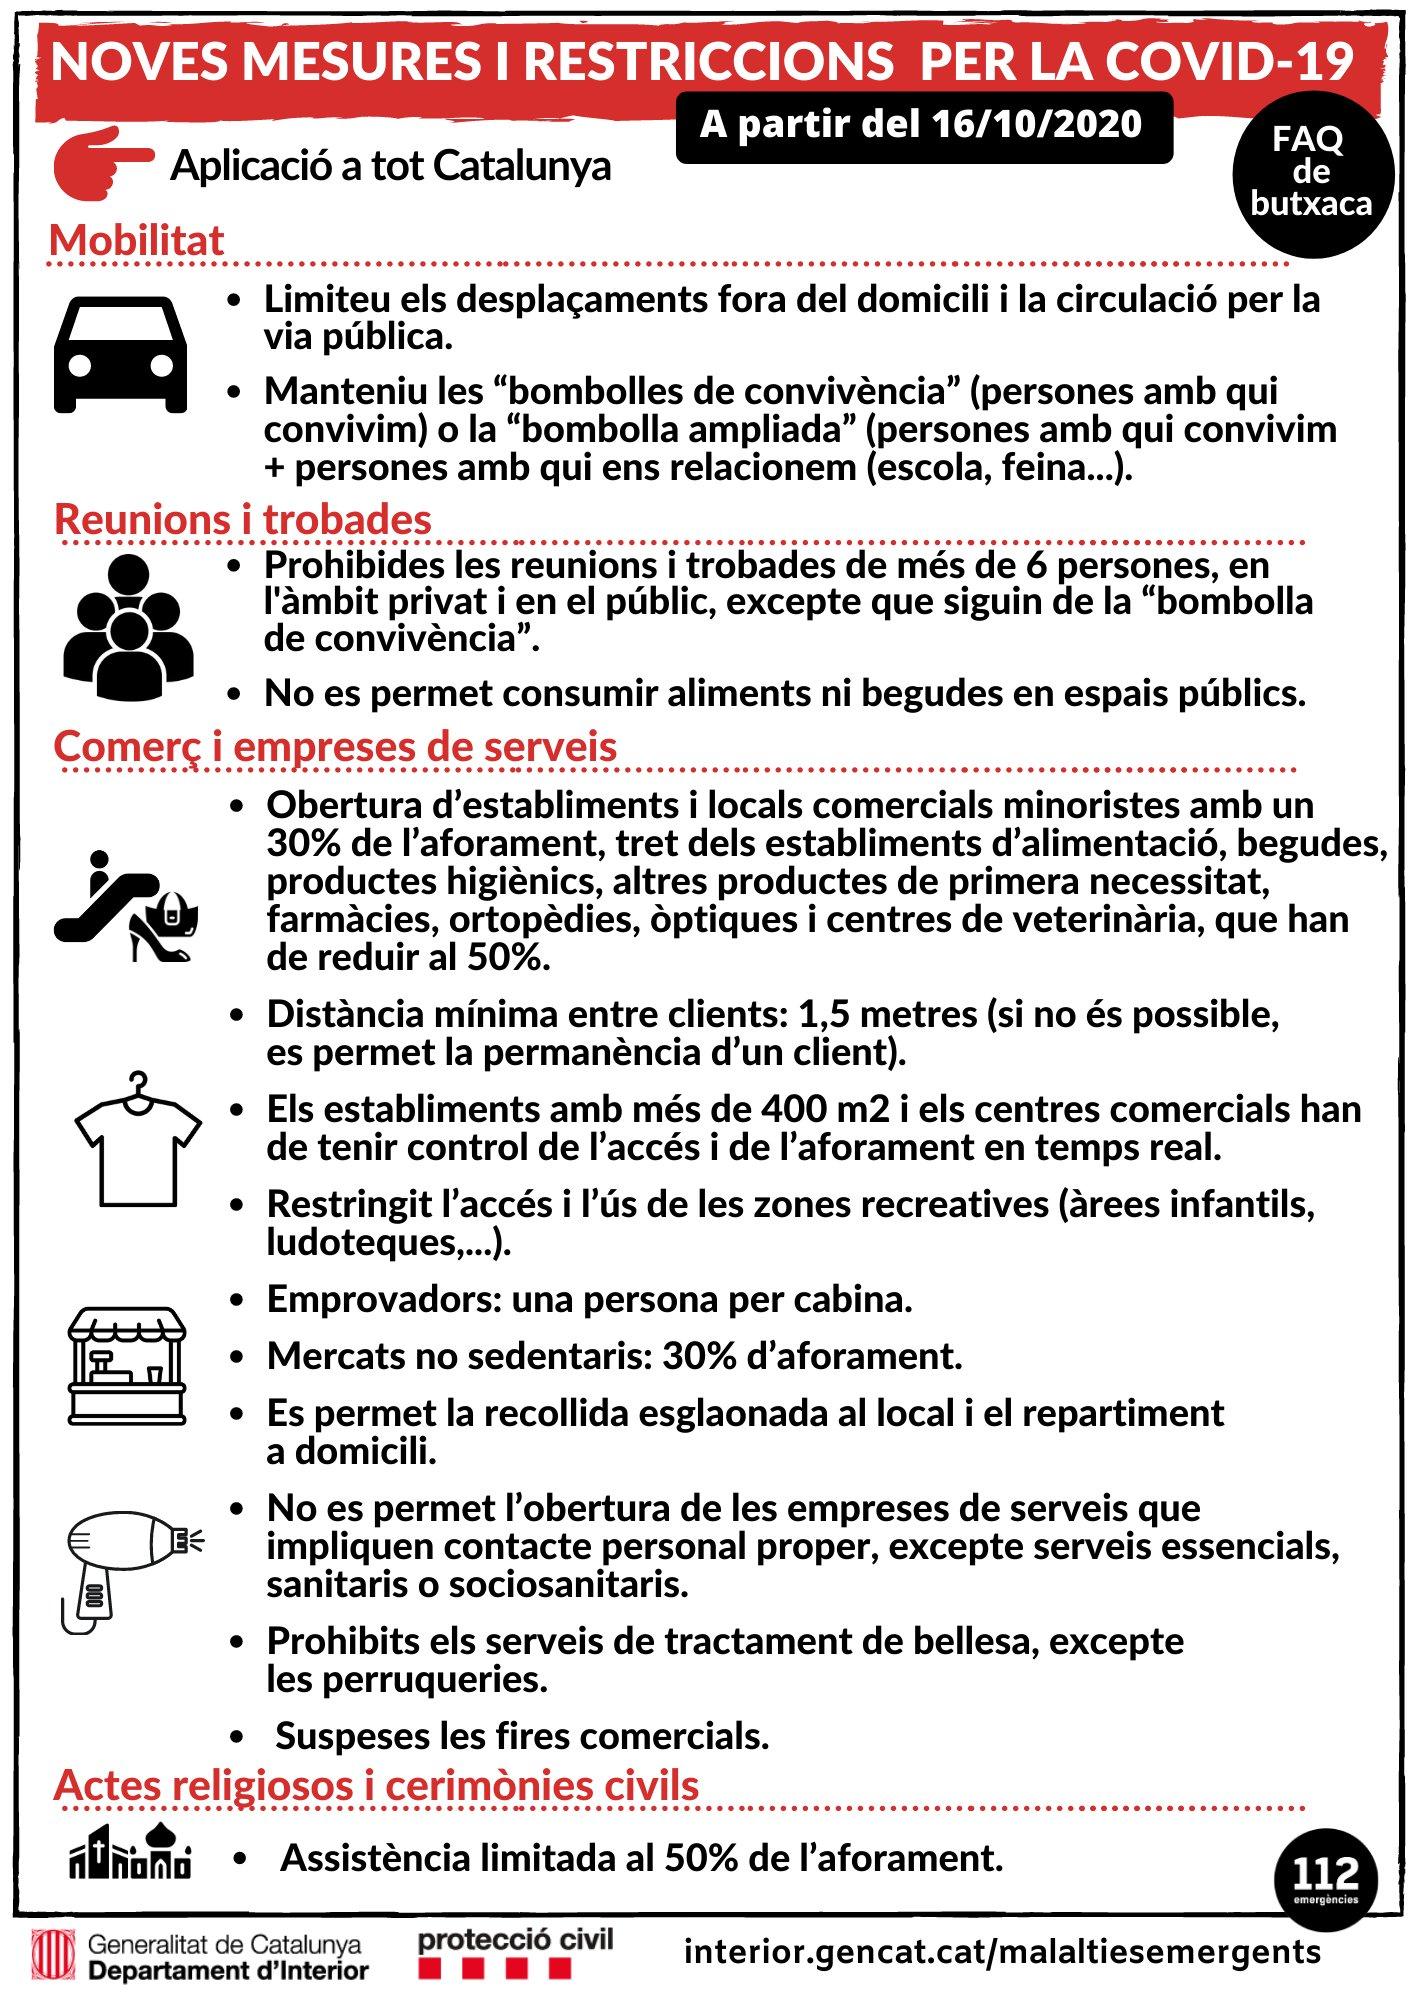 ACTUALITZACIÓ | Totes les mesures proposades pel govern de la Generalitat han estat autoritzades